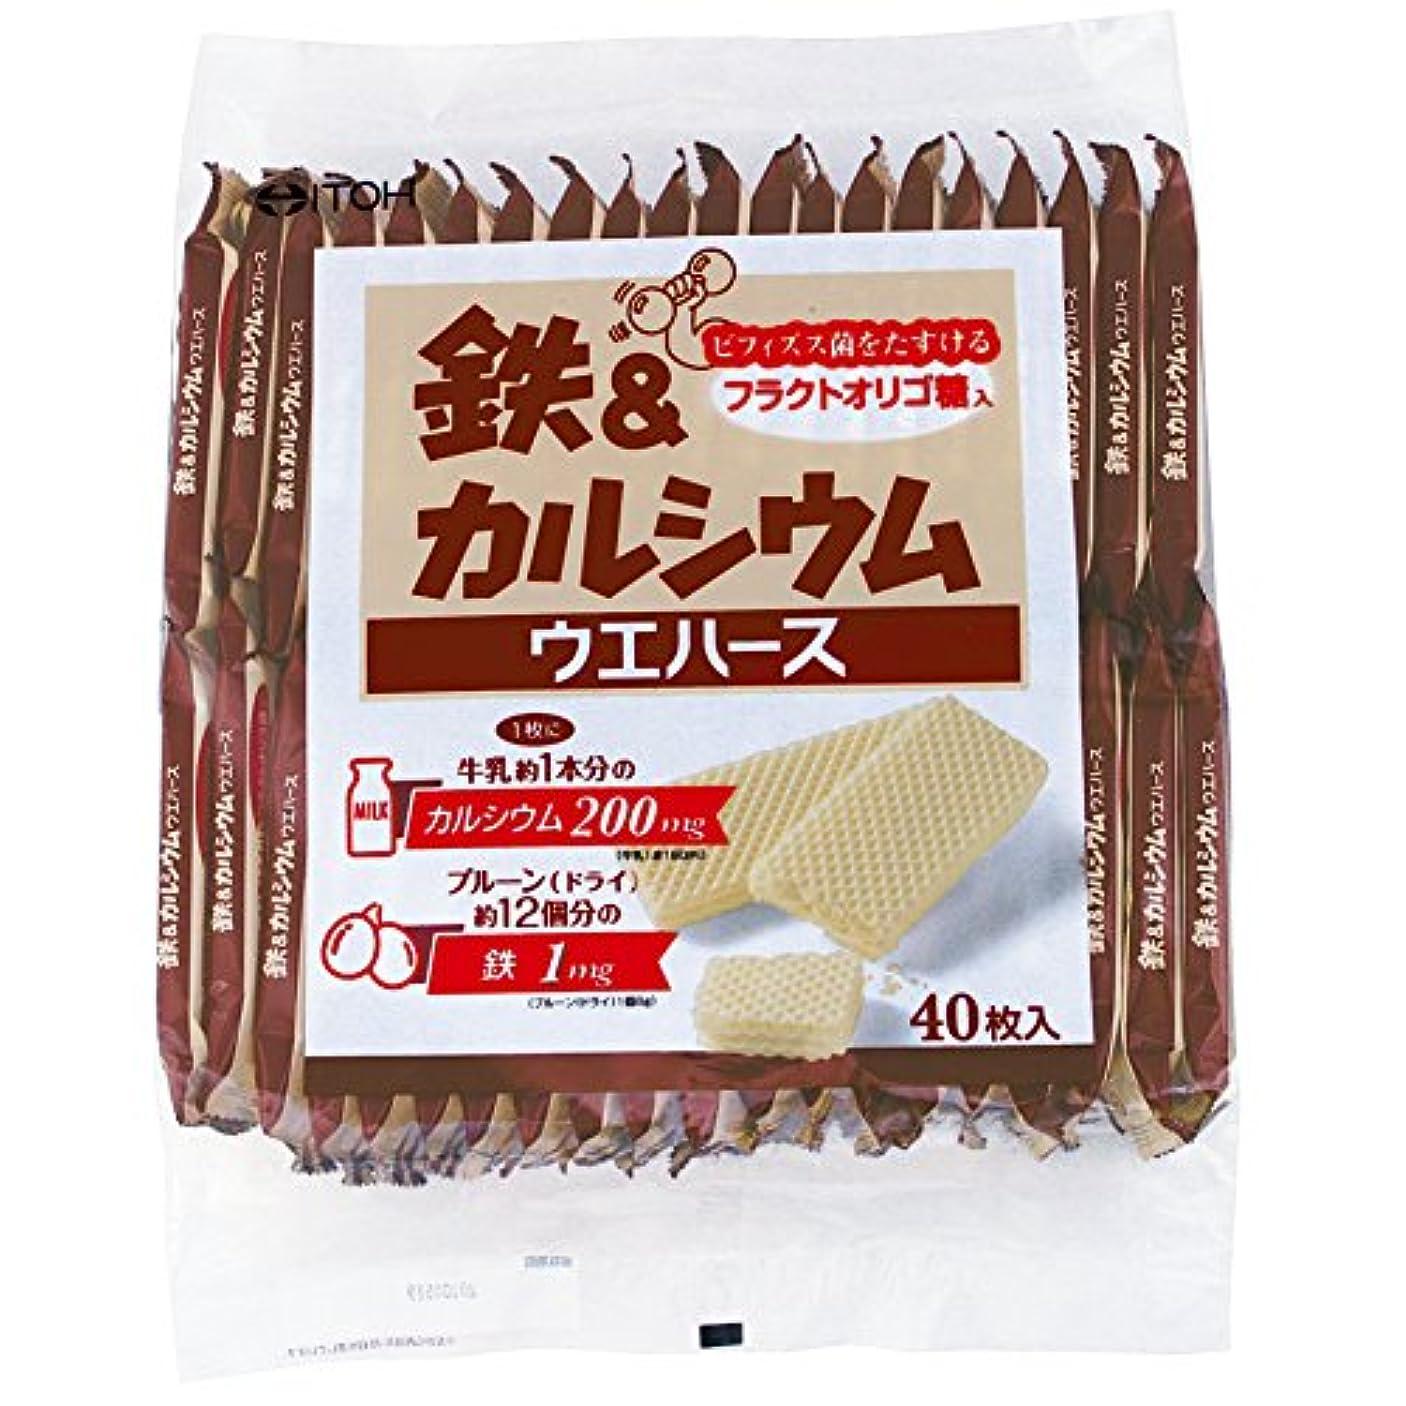 学ぶ息苦しいスナッチ井藤漢方製薬 鉄&カルシウムウエハース 40枚